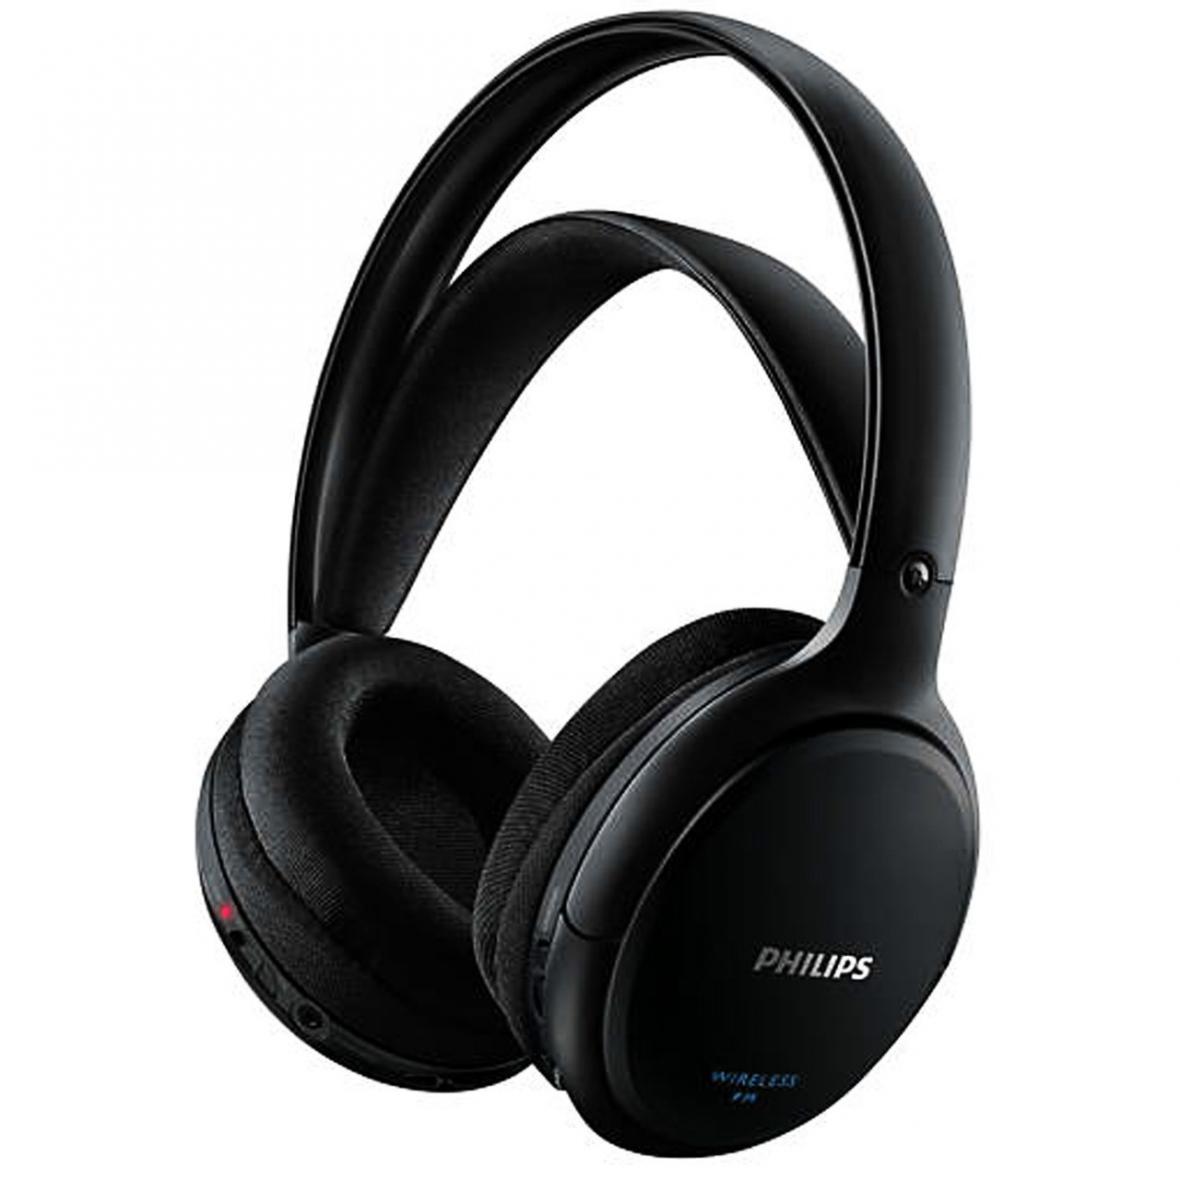 هدفون فیلیپس Philips Headphone S1